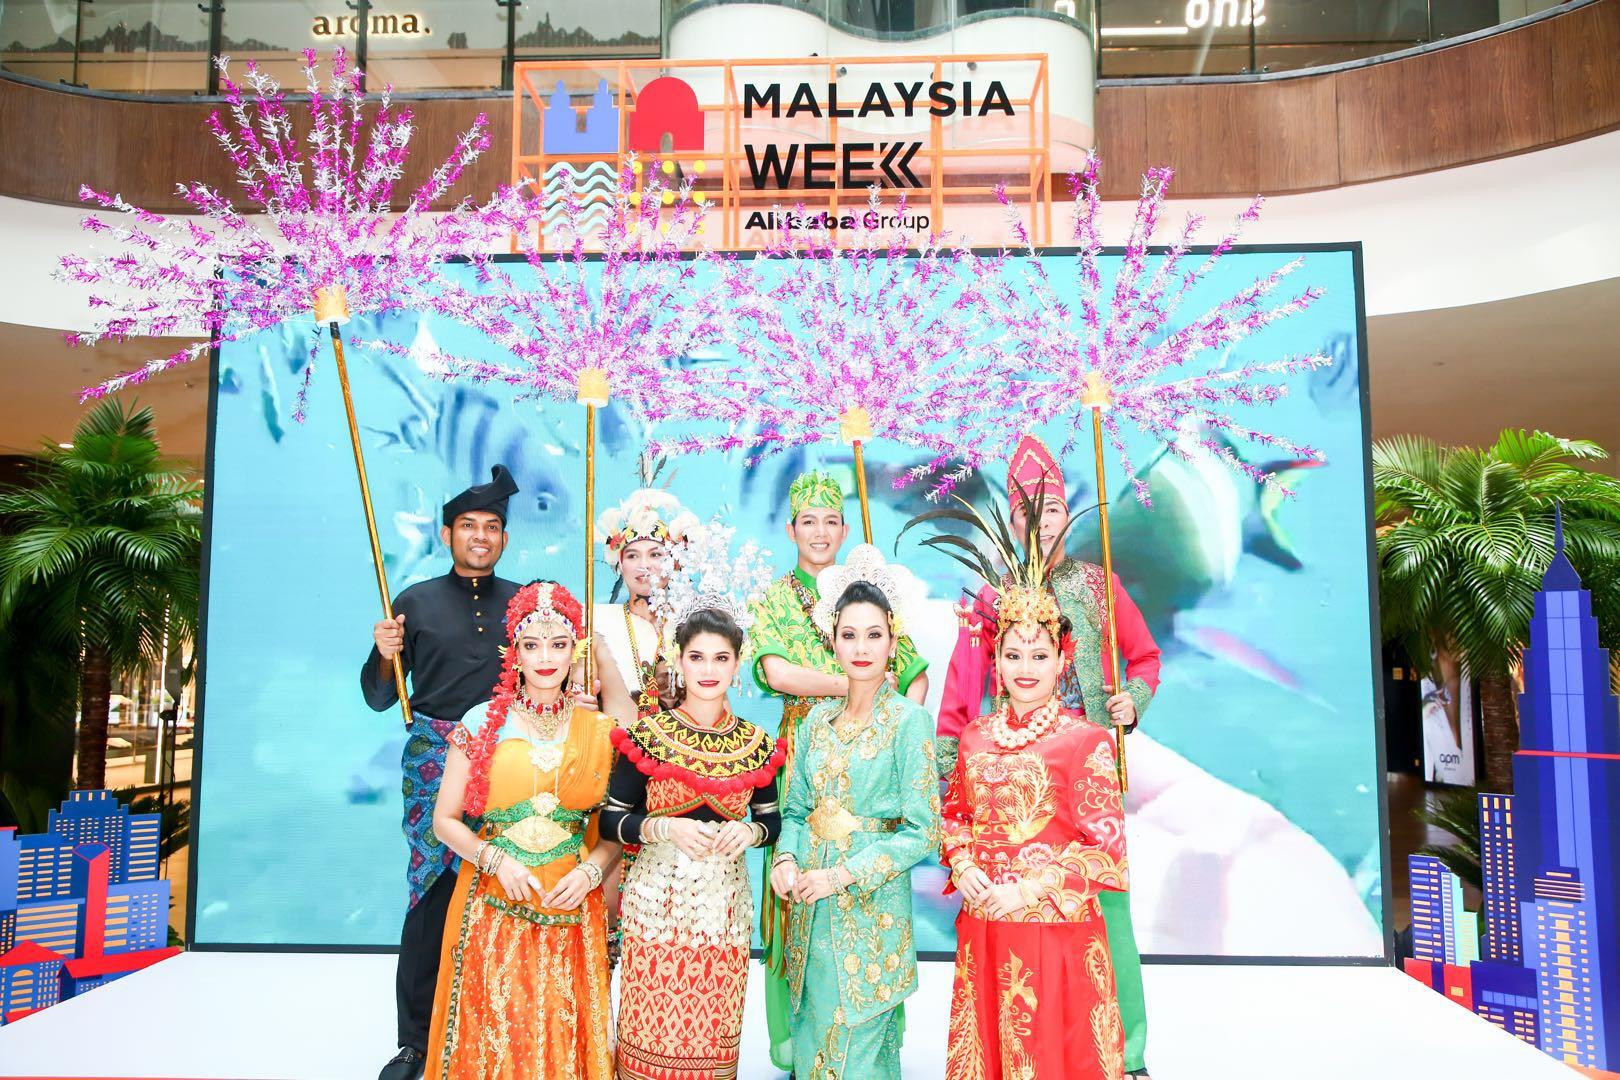 """阿里巴巴举办""""马来西亚国家周"""",菜鸟把100万个大马榴莲月饼运中国"""